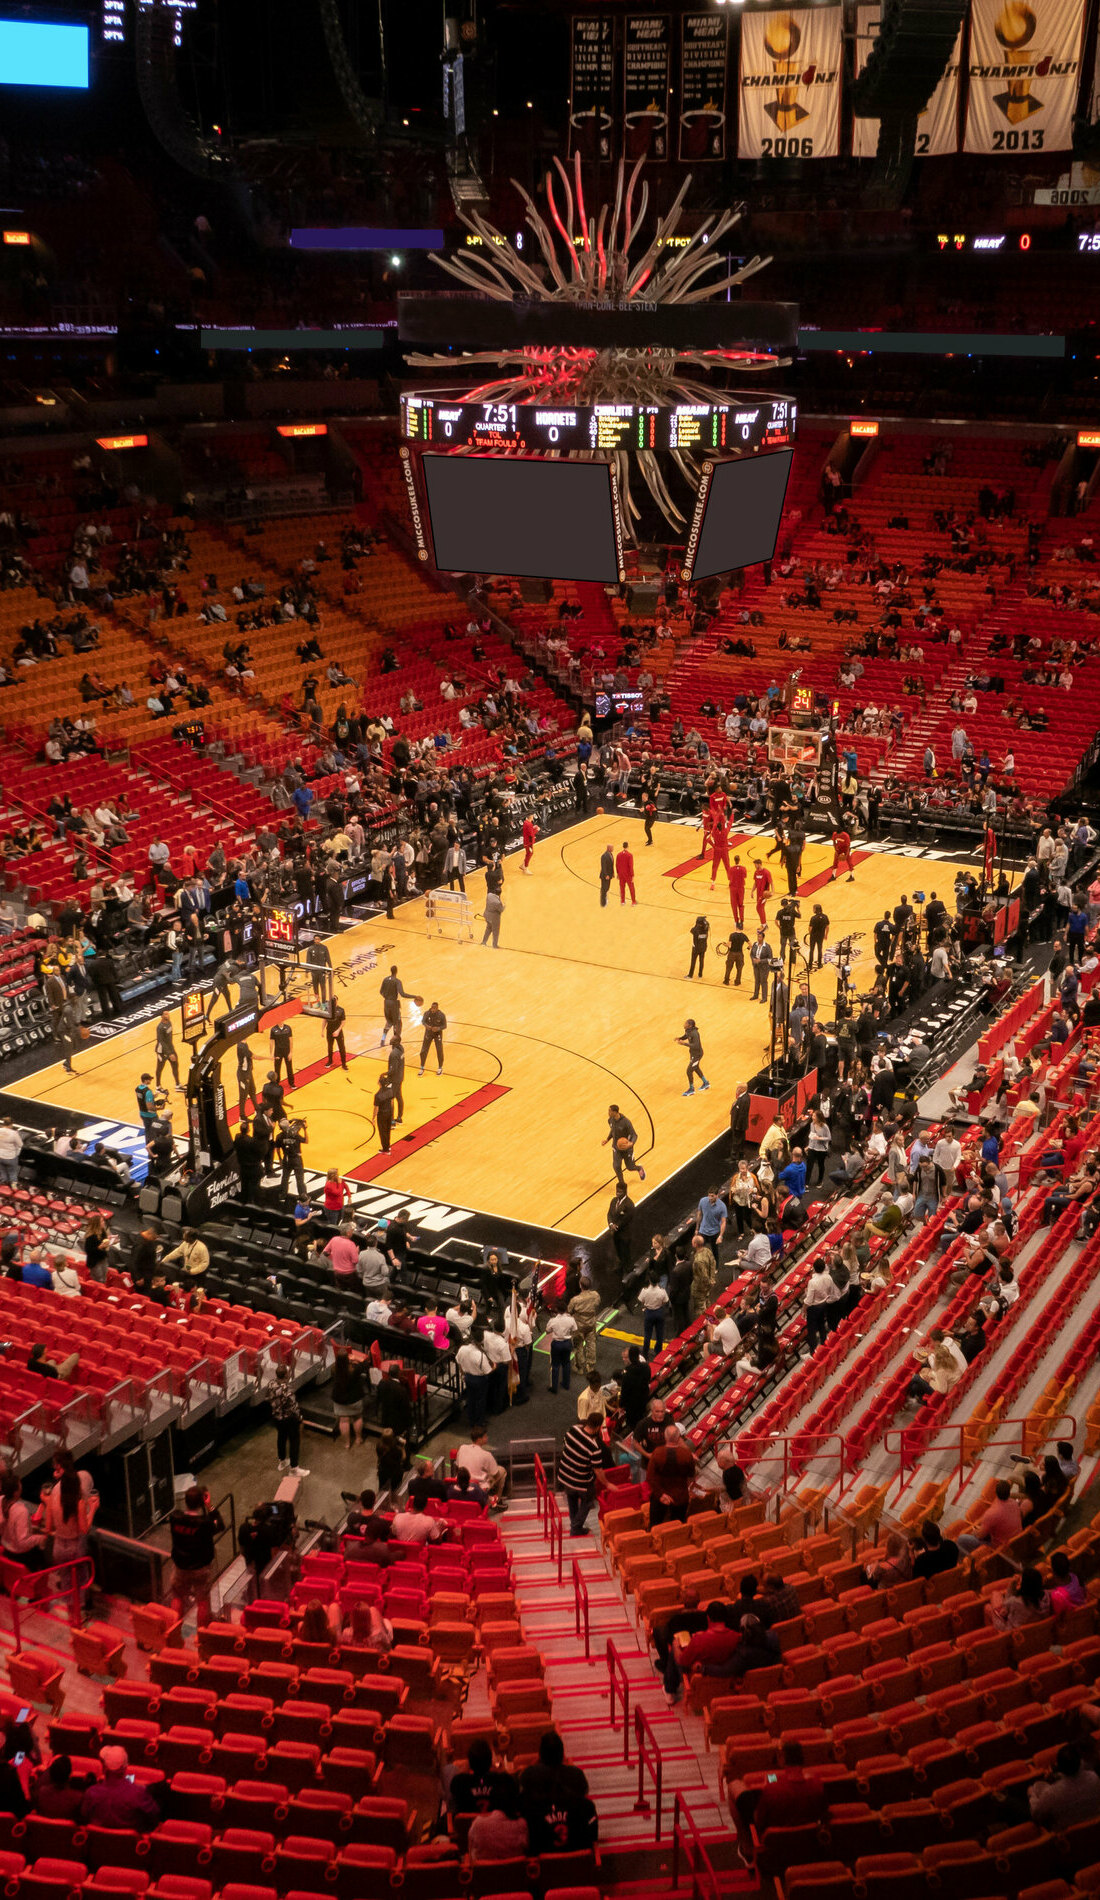 A Miami Heat live event